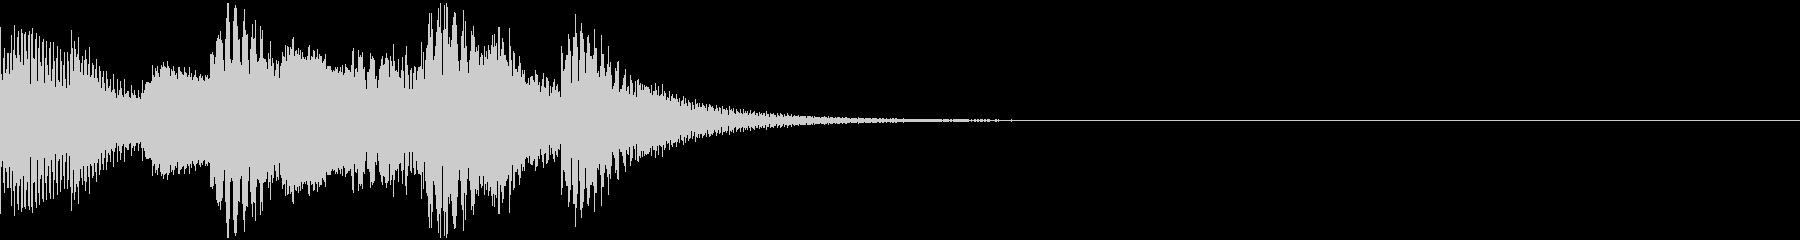 鉄琴・木琴による着信音(ループなし版)の未再生の波形